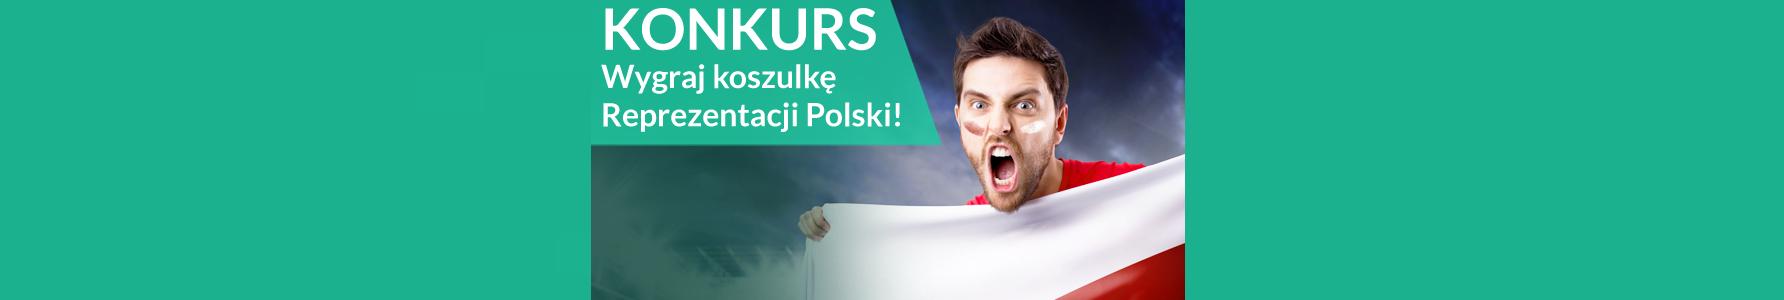 Konkurs! Koszulka Reprezentacji Polski z autografami do wygrania!